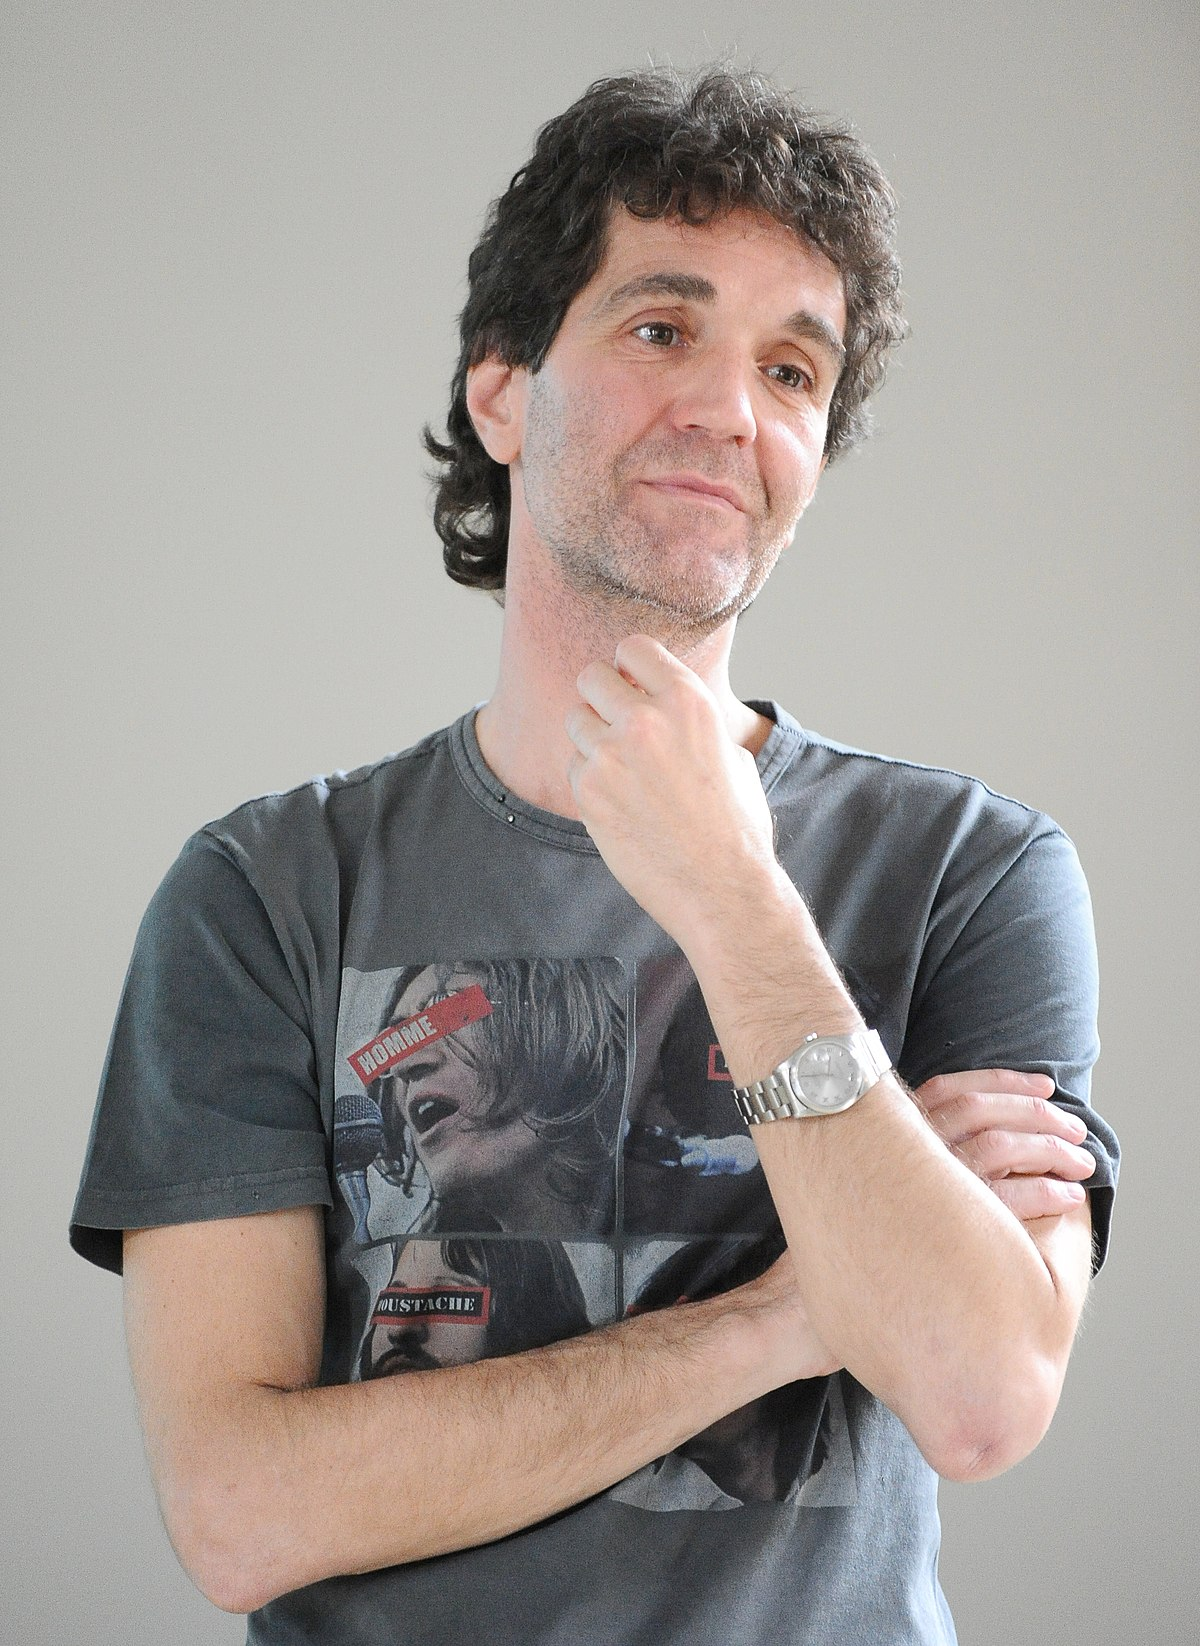 File:Fabrizio Tamburini - FRU 2013.jpg - Wikimedia Commons